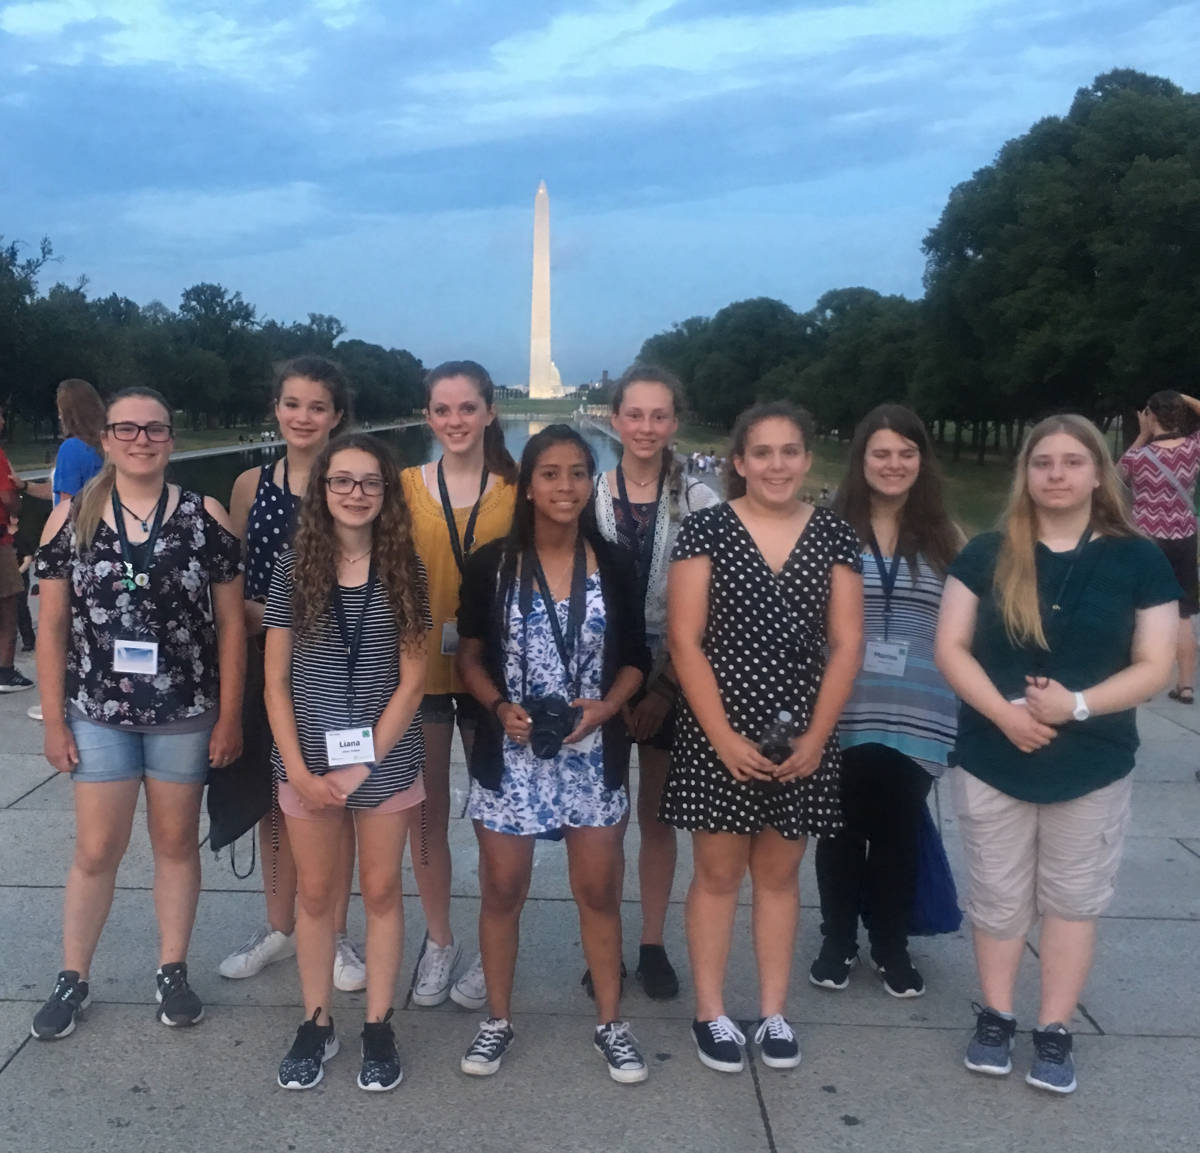 0e6160de8eb38de8702d_Photo_3_-_LWF_Washington_Monument.JPG